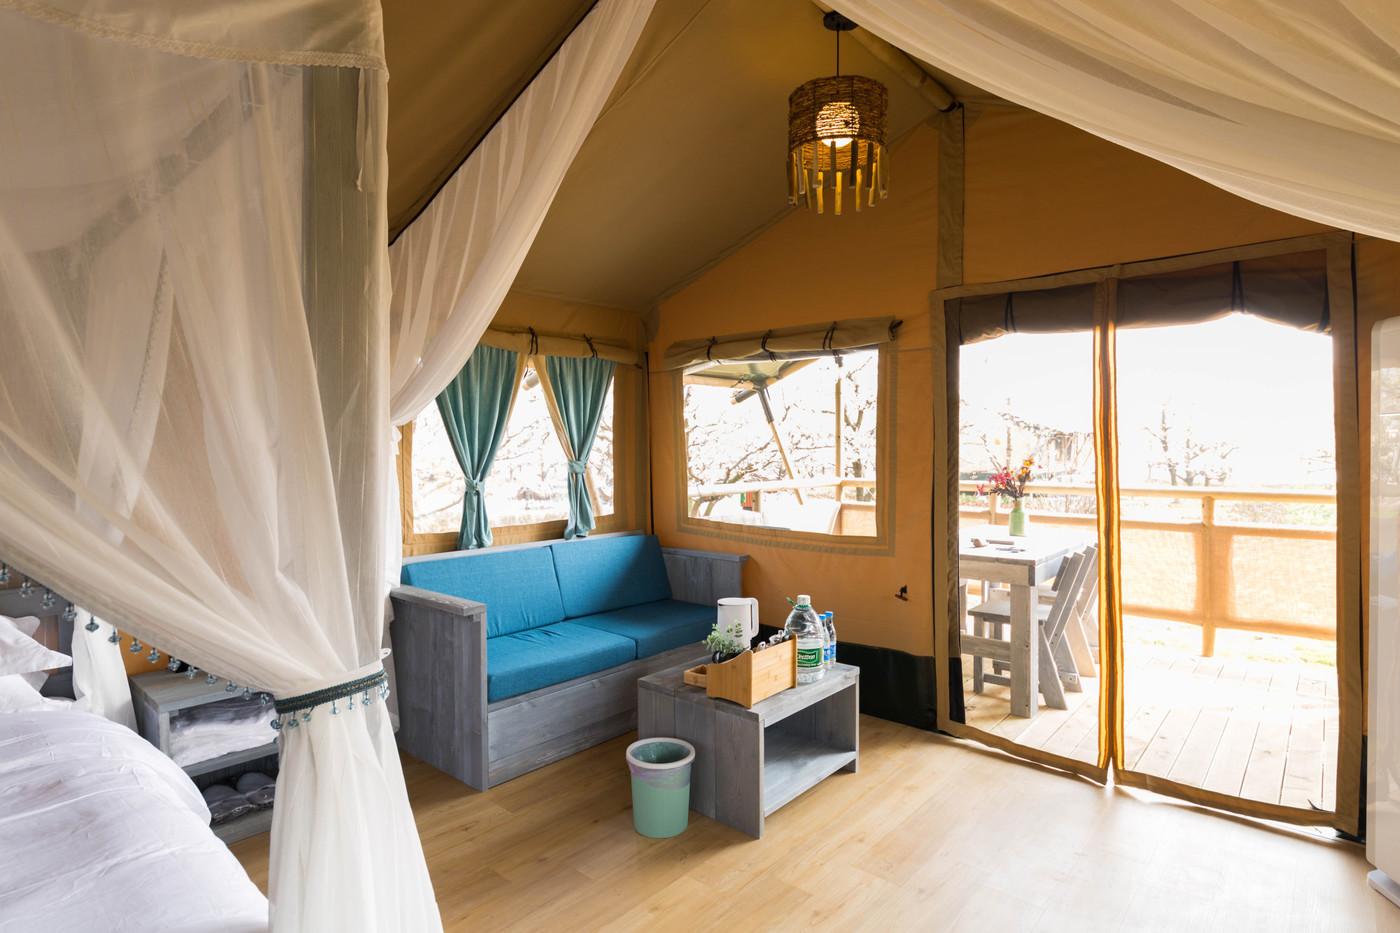 喜马拉雅野奢帐篷酒店—安徽砀山东篱蓬芦梨园帐篷酒店19